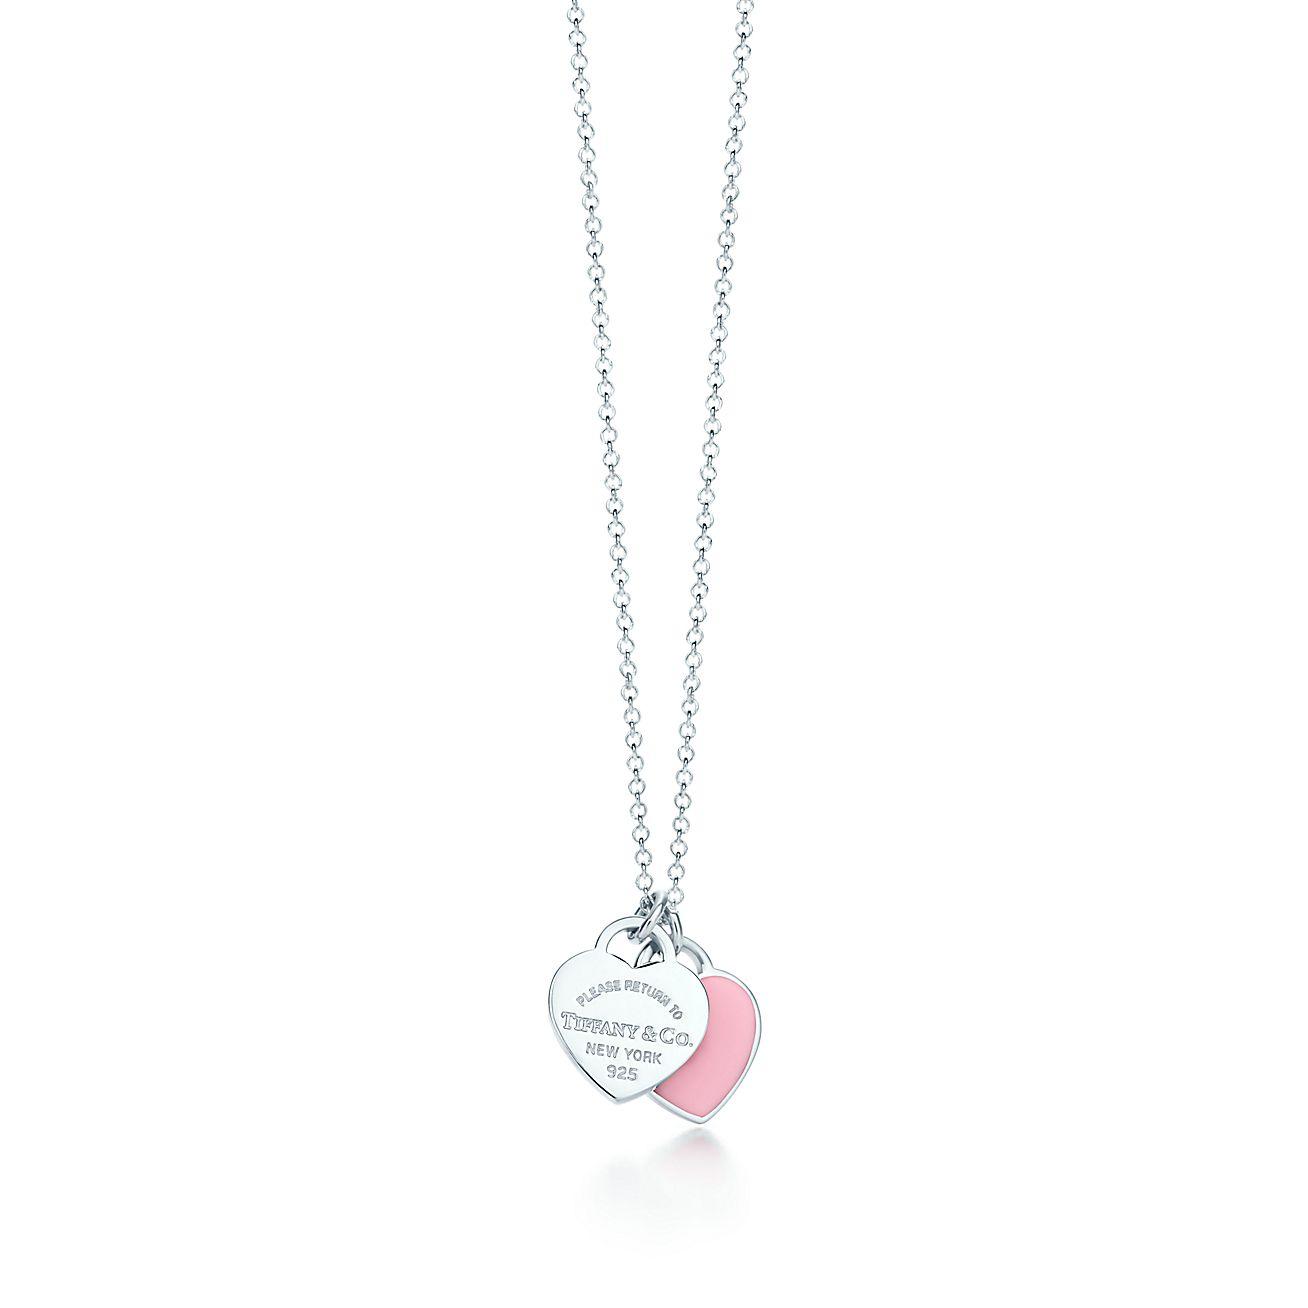 7f9875ed7dfd0d Pendentif double Plaque Cœur mini en argent 925 millièmes et finition  émail.   Tiffany   Co.